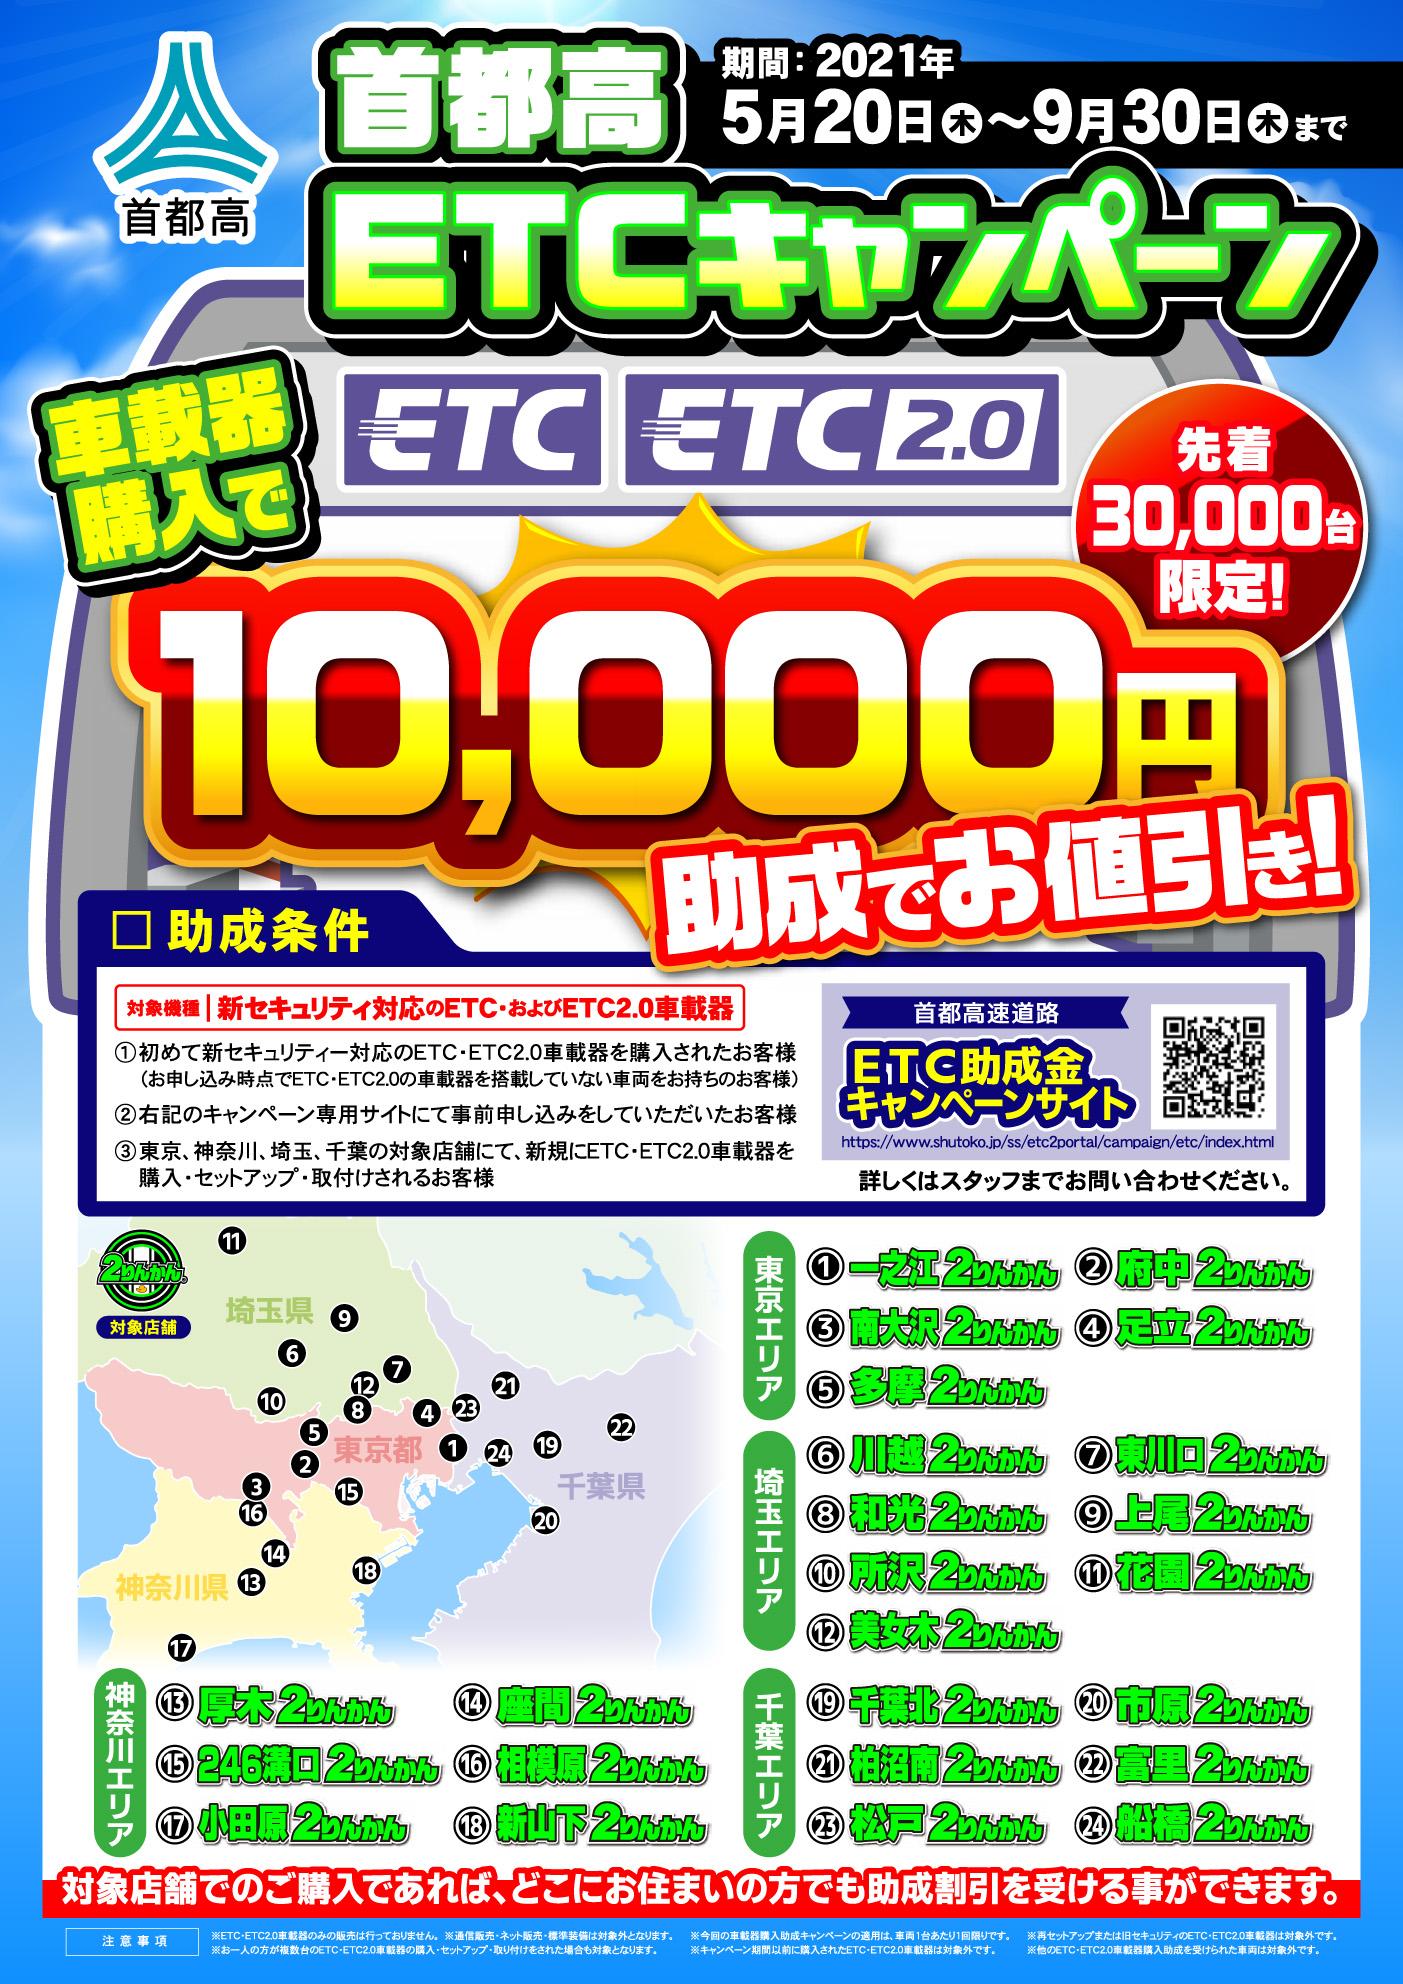 首都圏ETC助成CP_21y0520-0930_A3